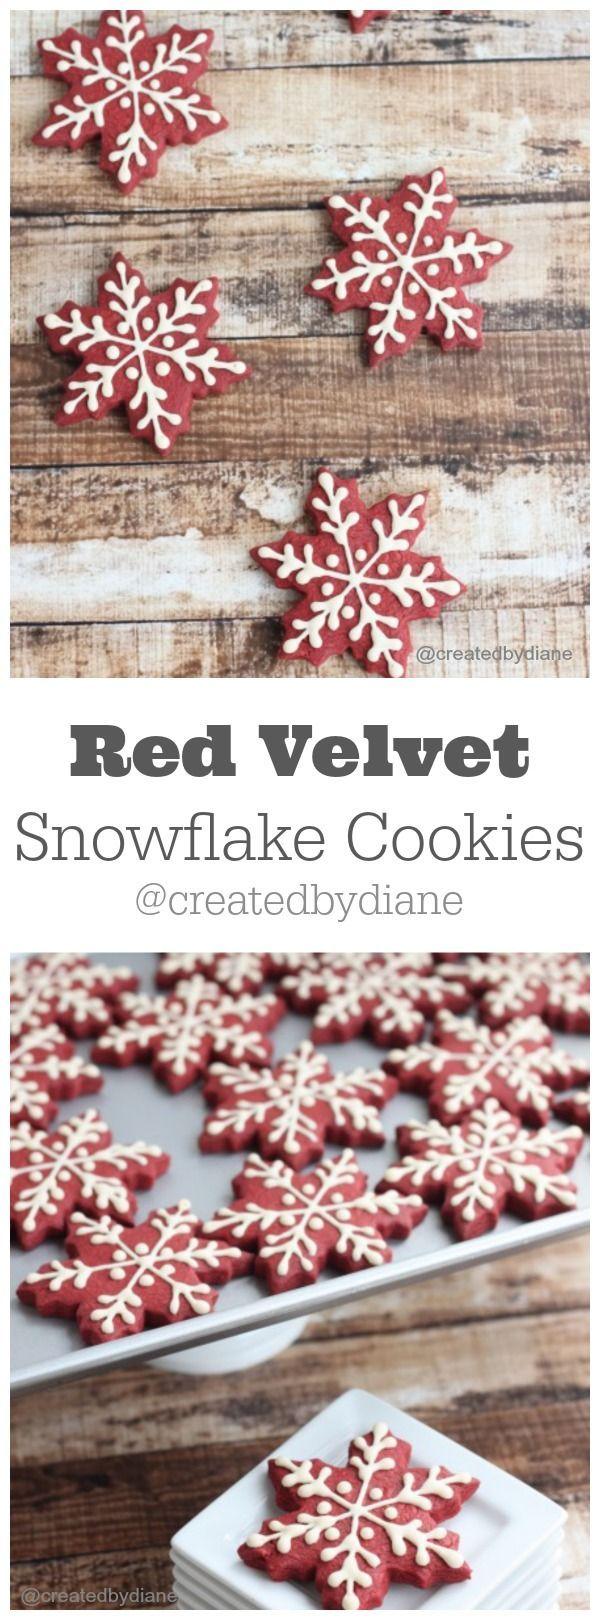 Red Velvet Snowflake Cookies. The ultimate Christmas cookie exchange recipe.